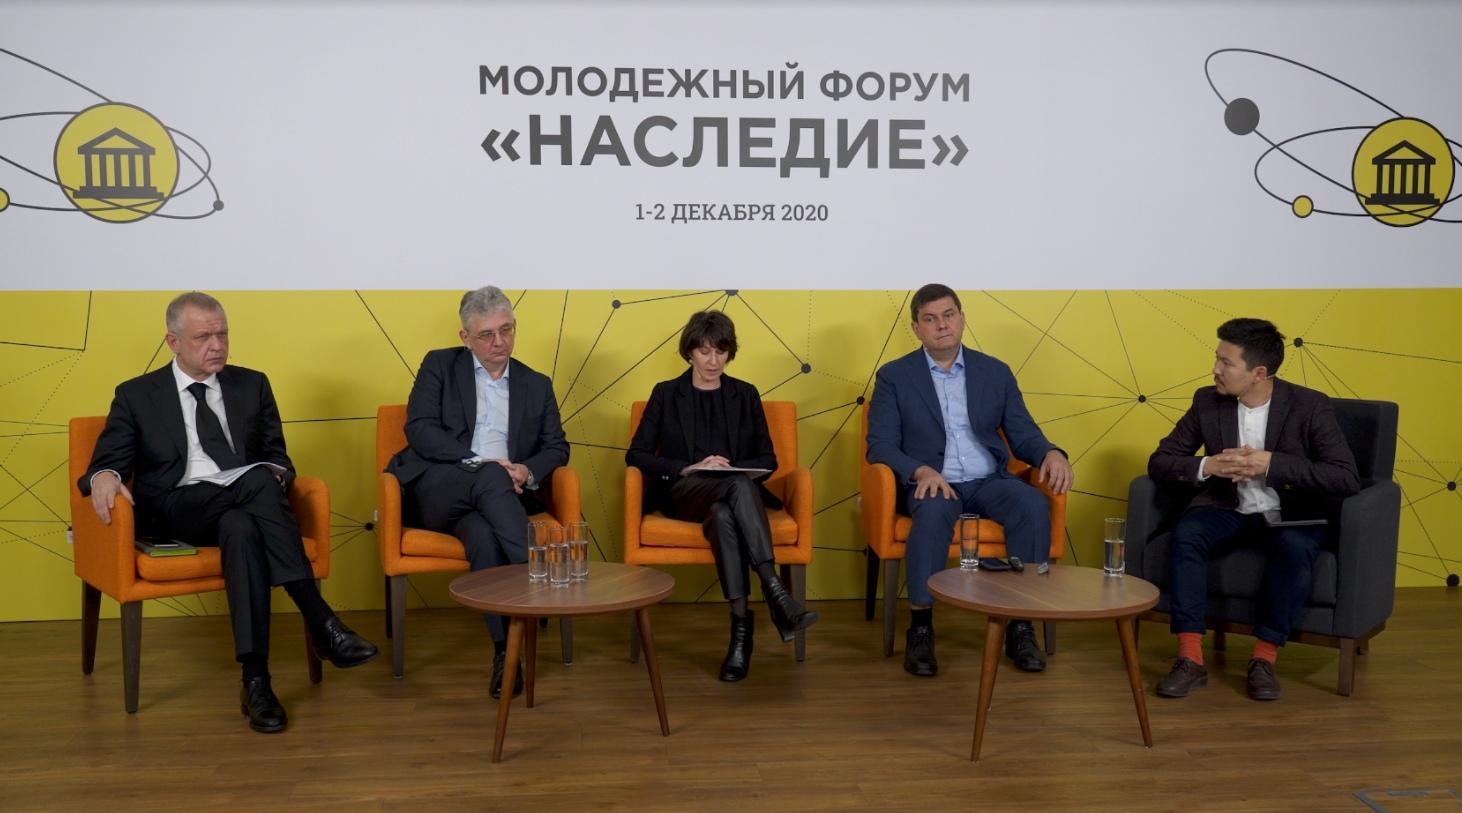 Форум «Наследие» объединил экспертов и молодых специалистов в сфере сохранения культурного наследия